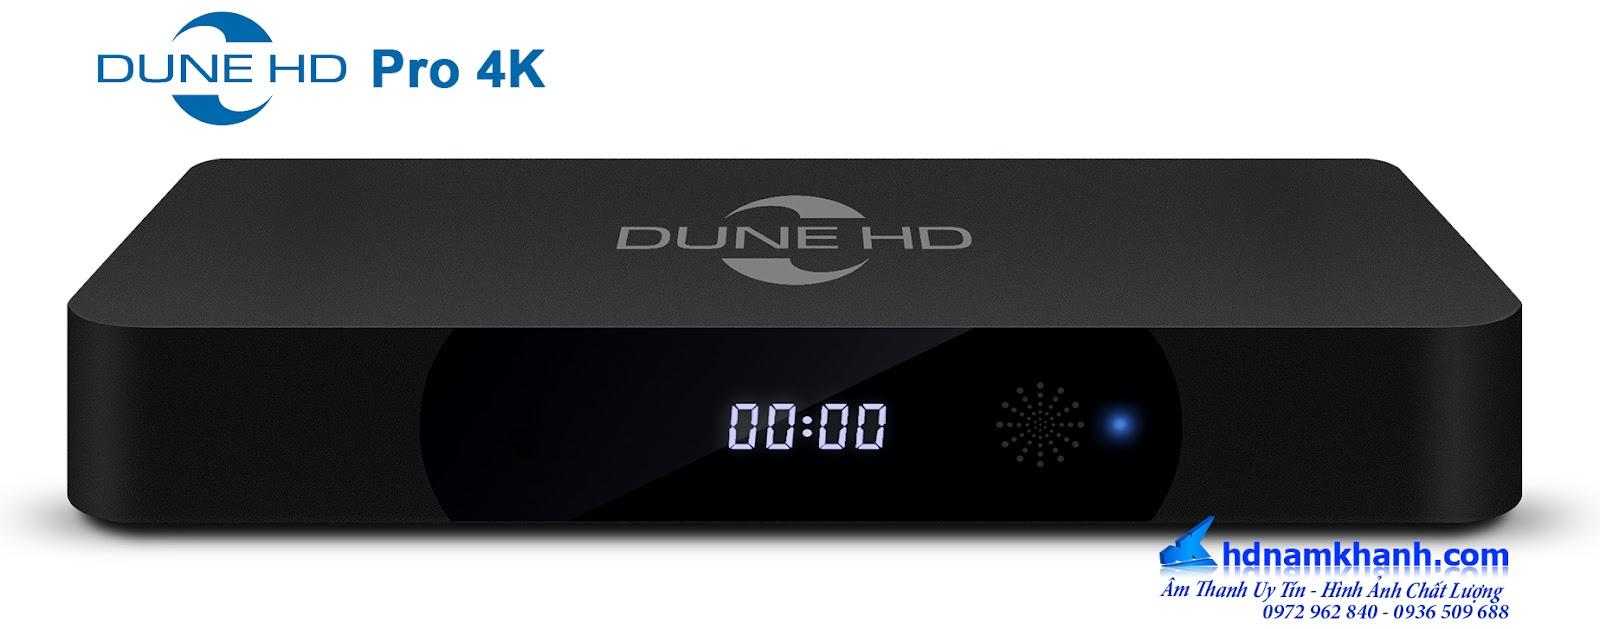 Nơi bán Đầu Dune HD Ultra 4K Chính hãng Giá tốt nhất Hà Nội - 263048